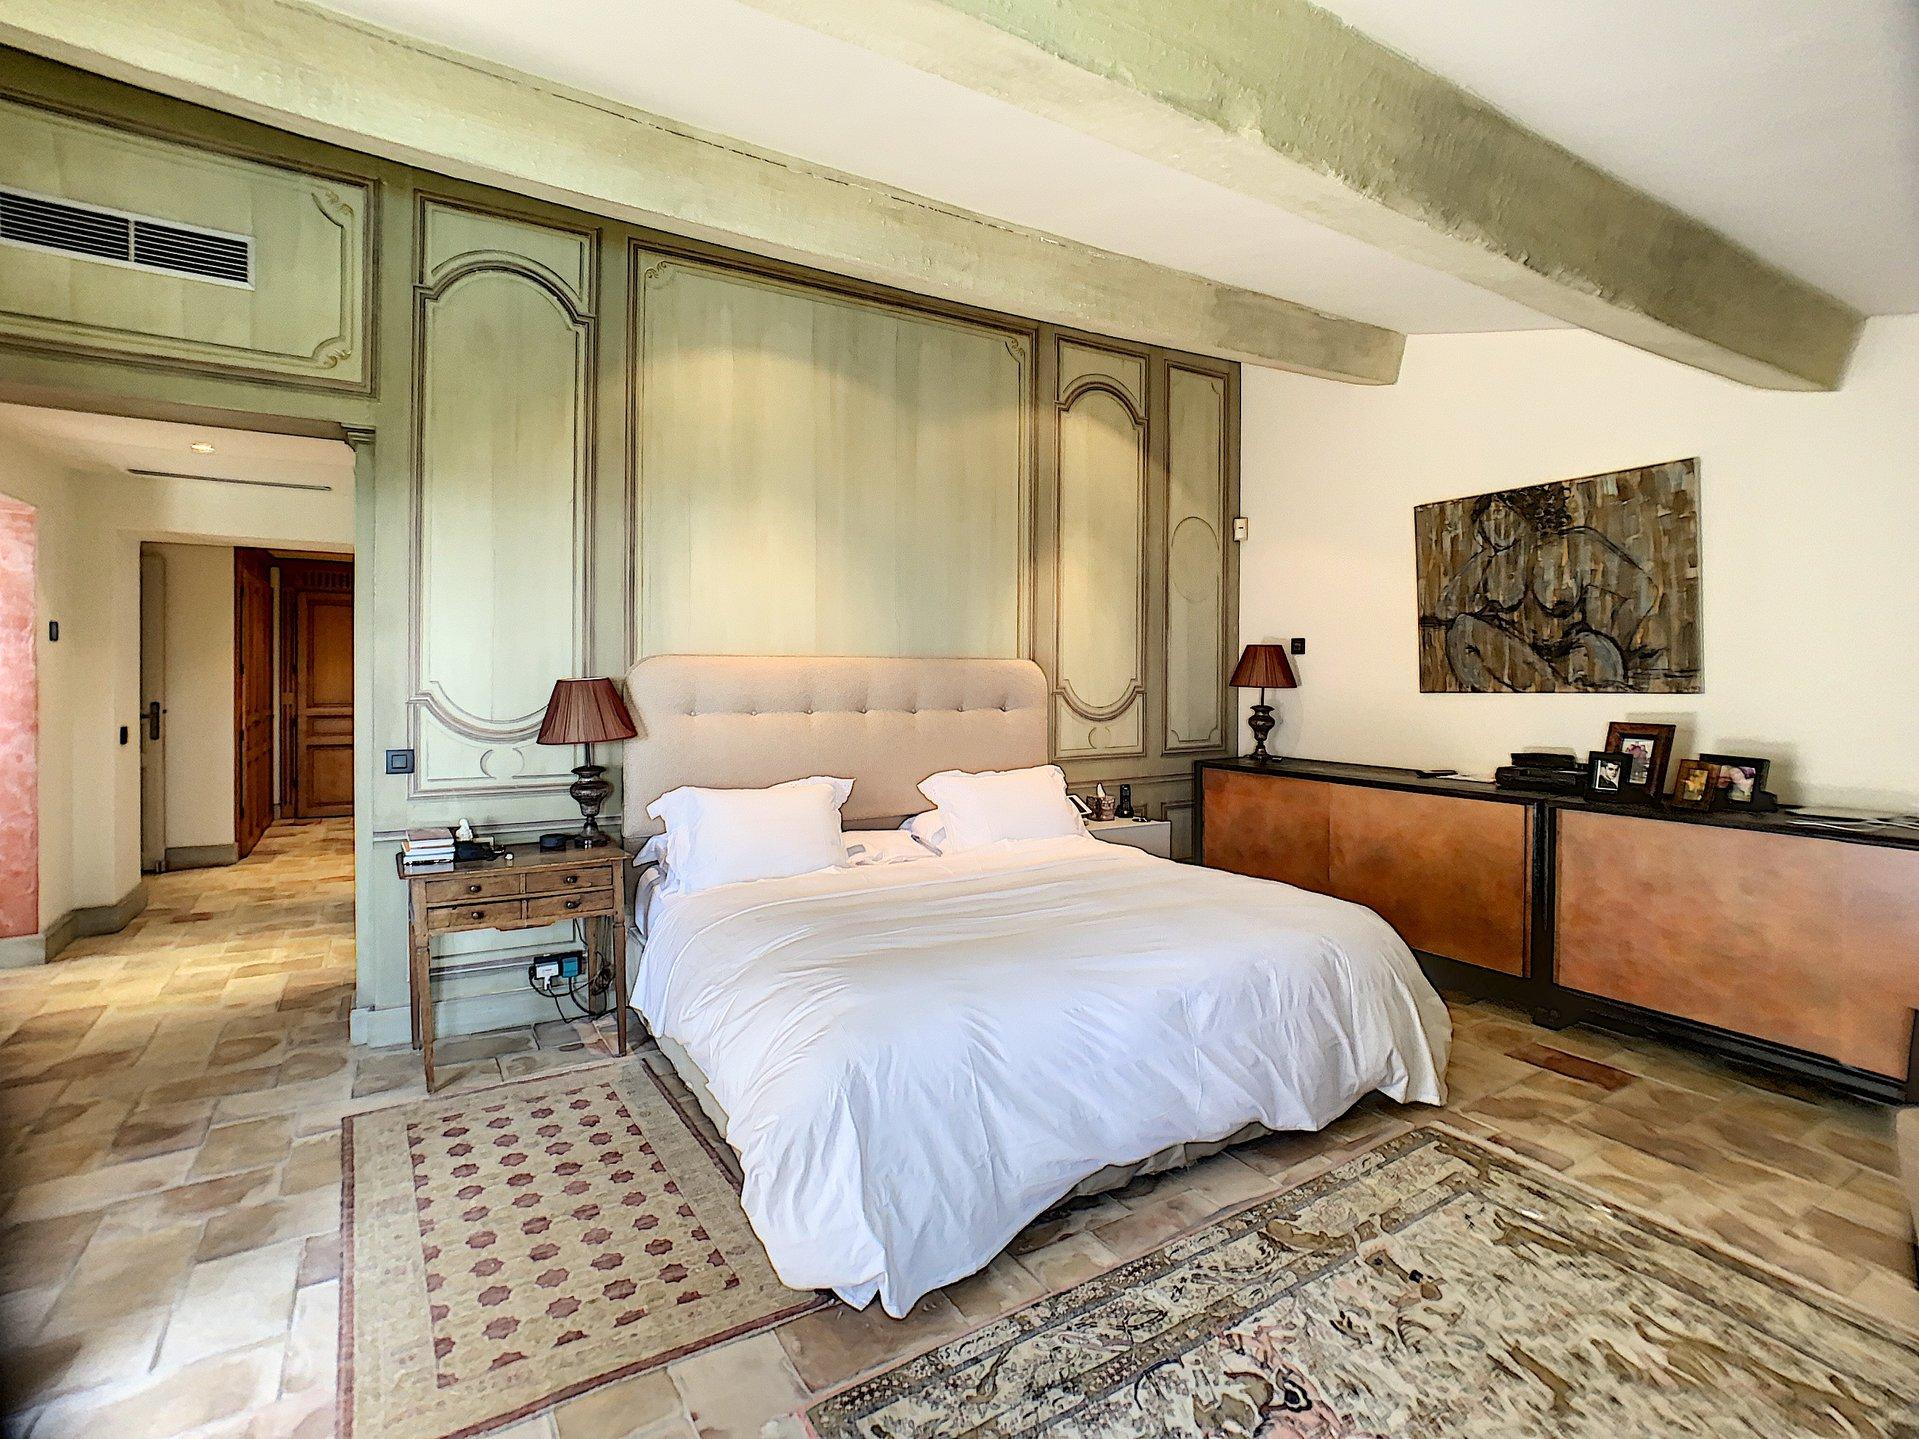 Vente Villa - Le Cannet Vieux Cannet